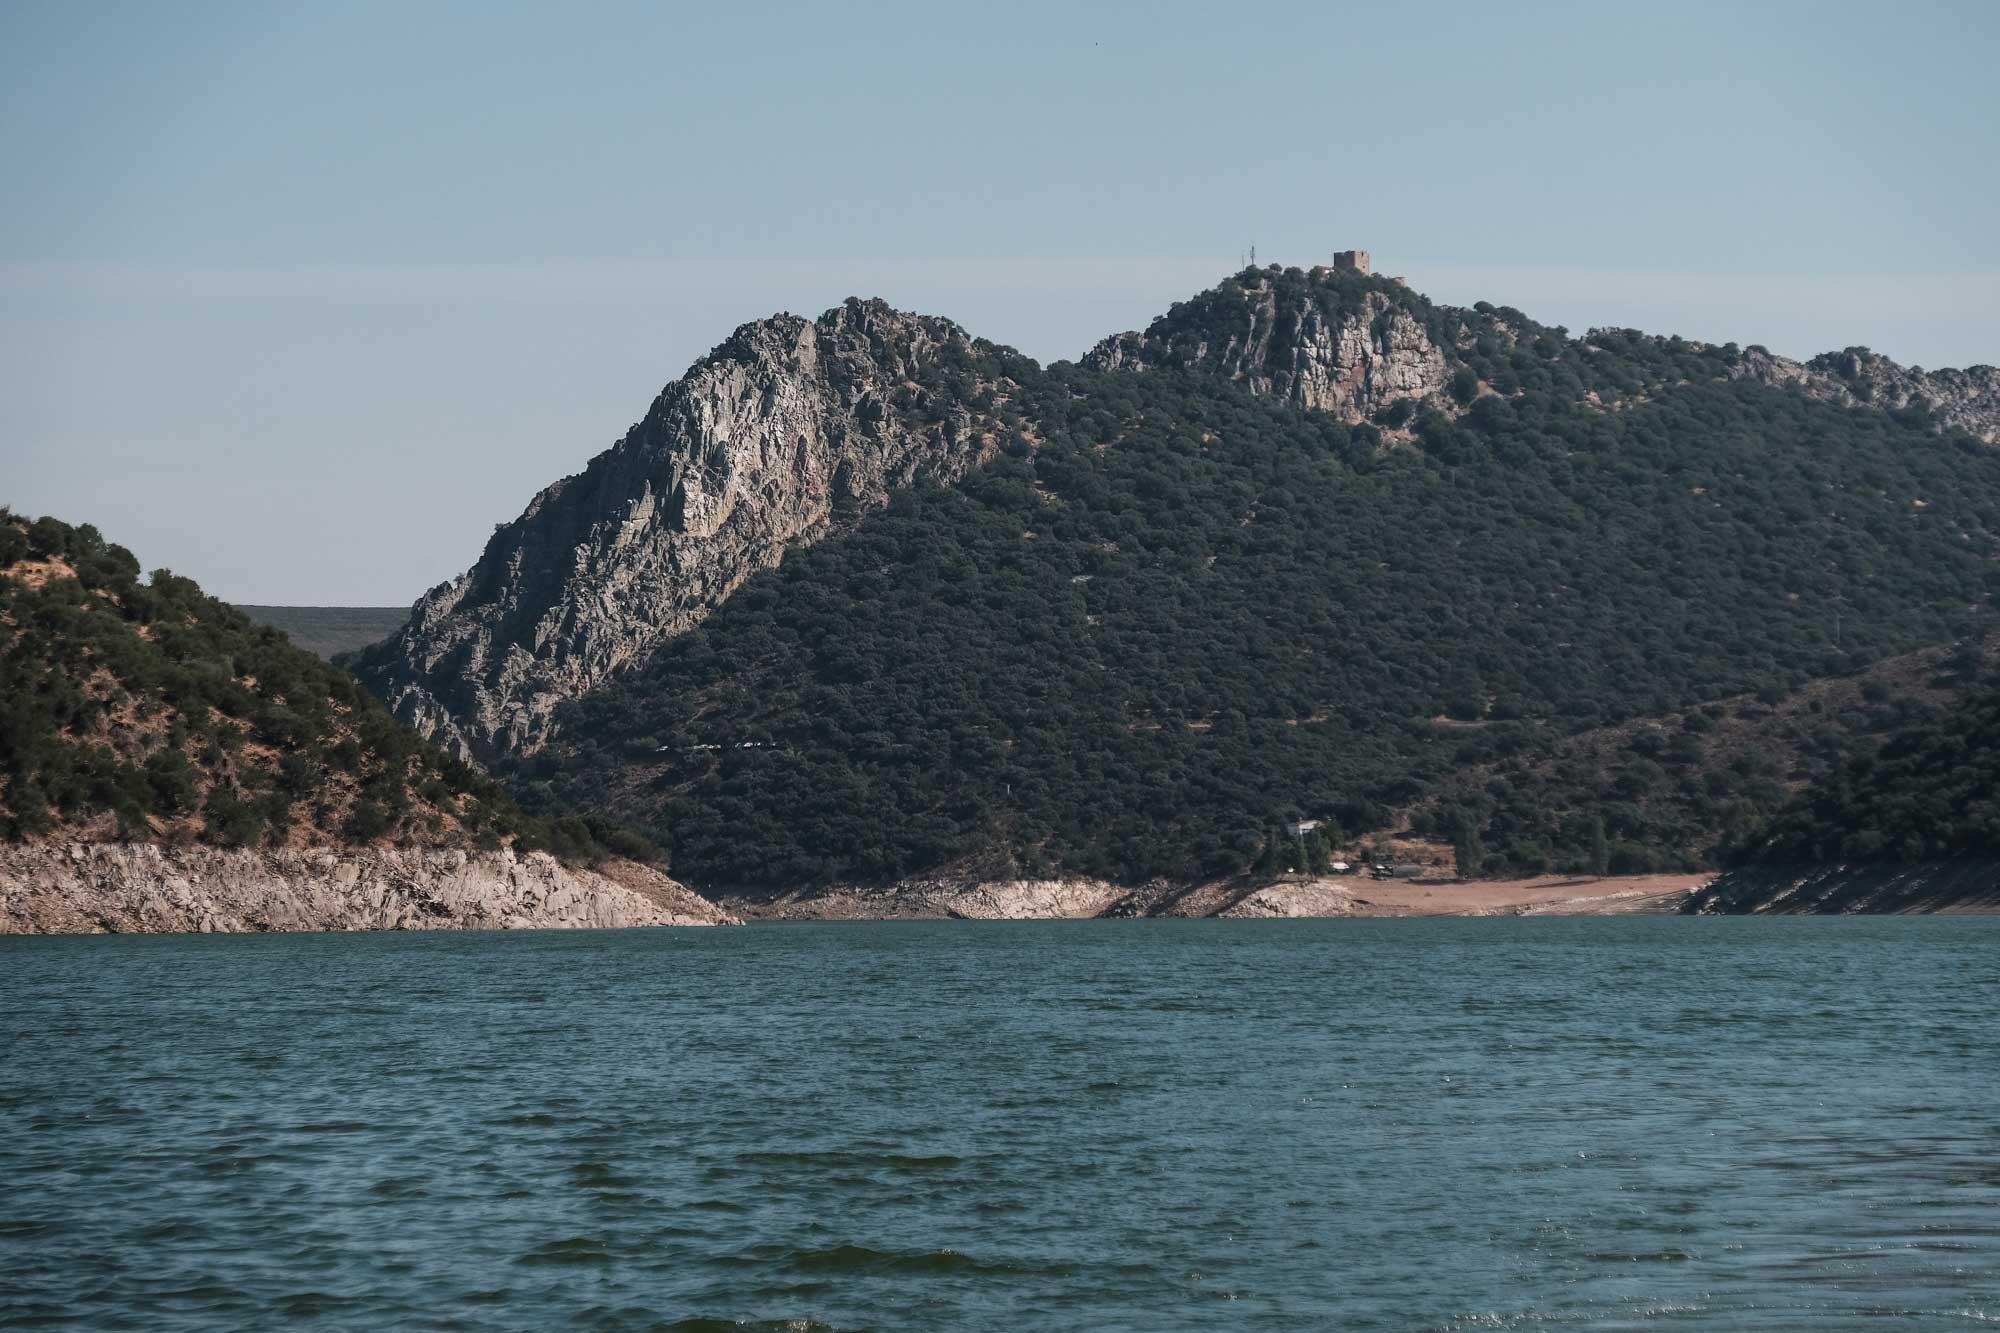 Desde la embarcación se divisan los puntos más importantes del parque: el Salto del Gitano y el Castillo.